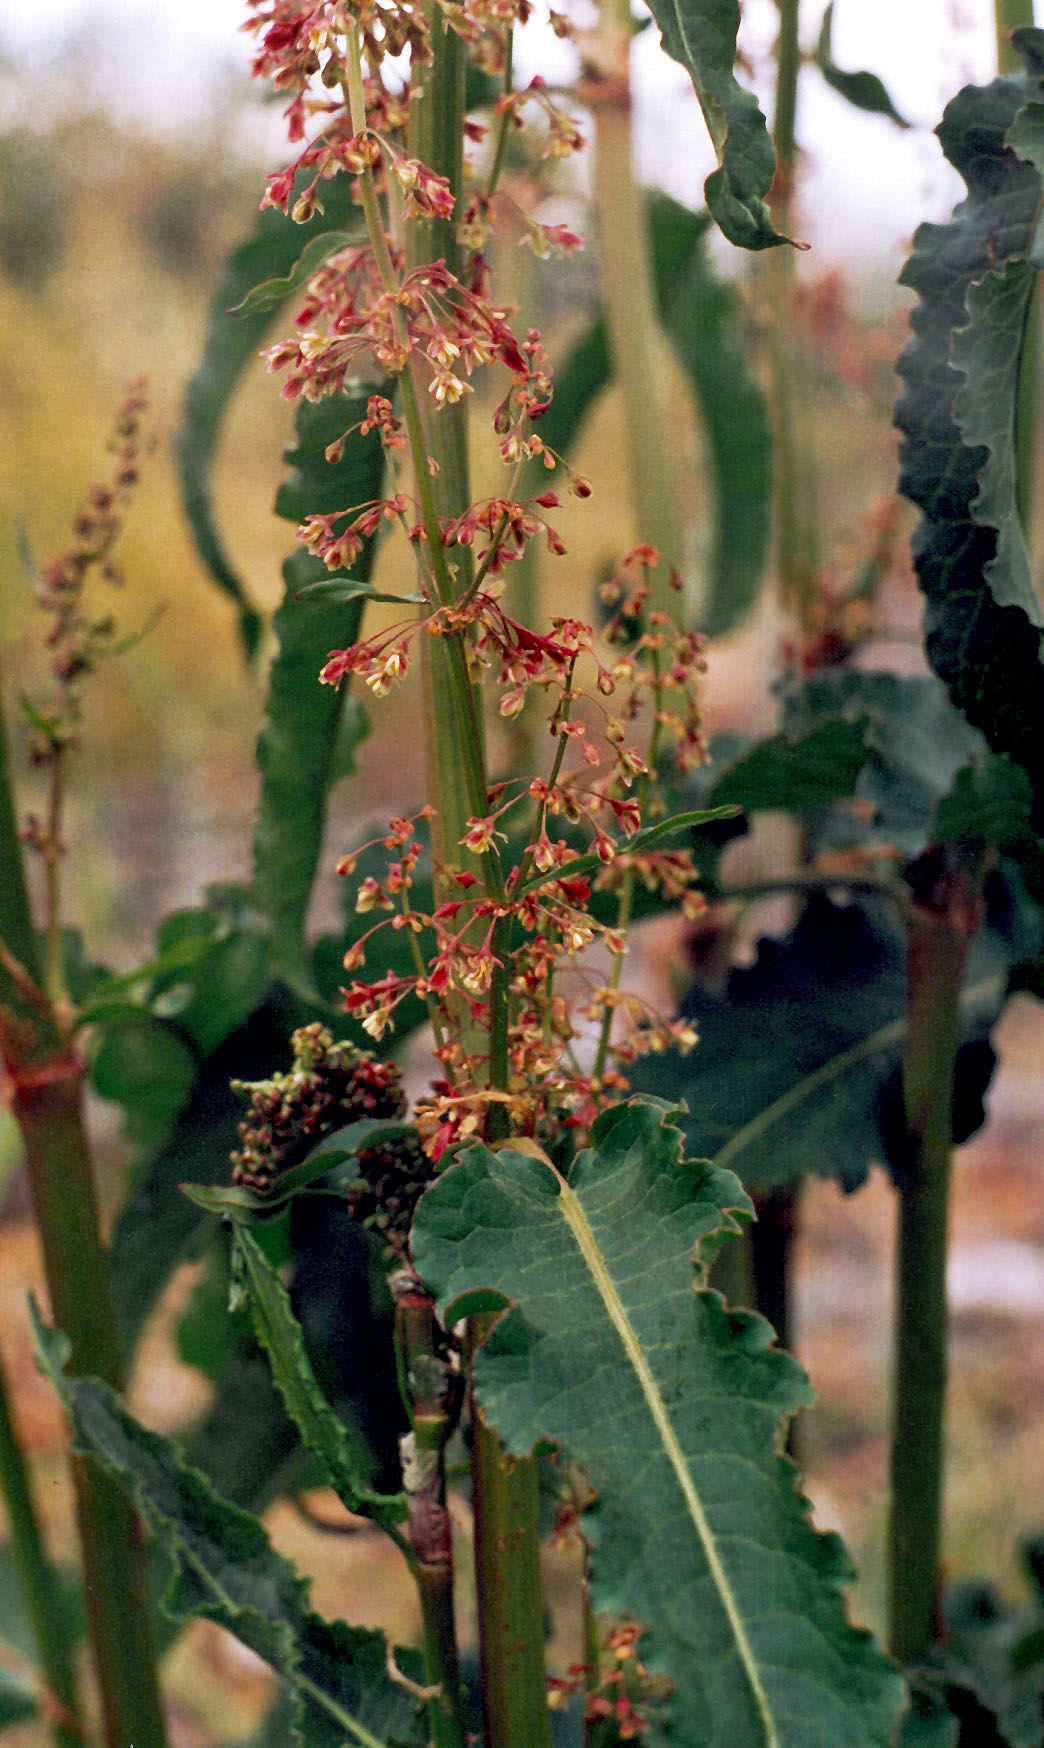 Щавель курчавый - Rumex crispus L | Дикорастущие полезные растения ...